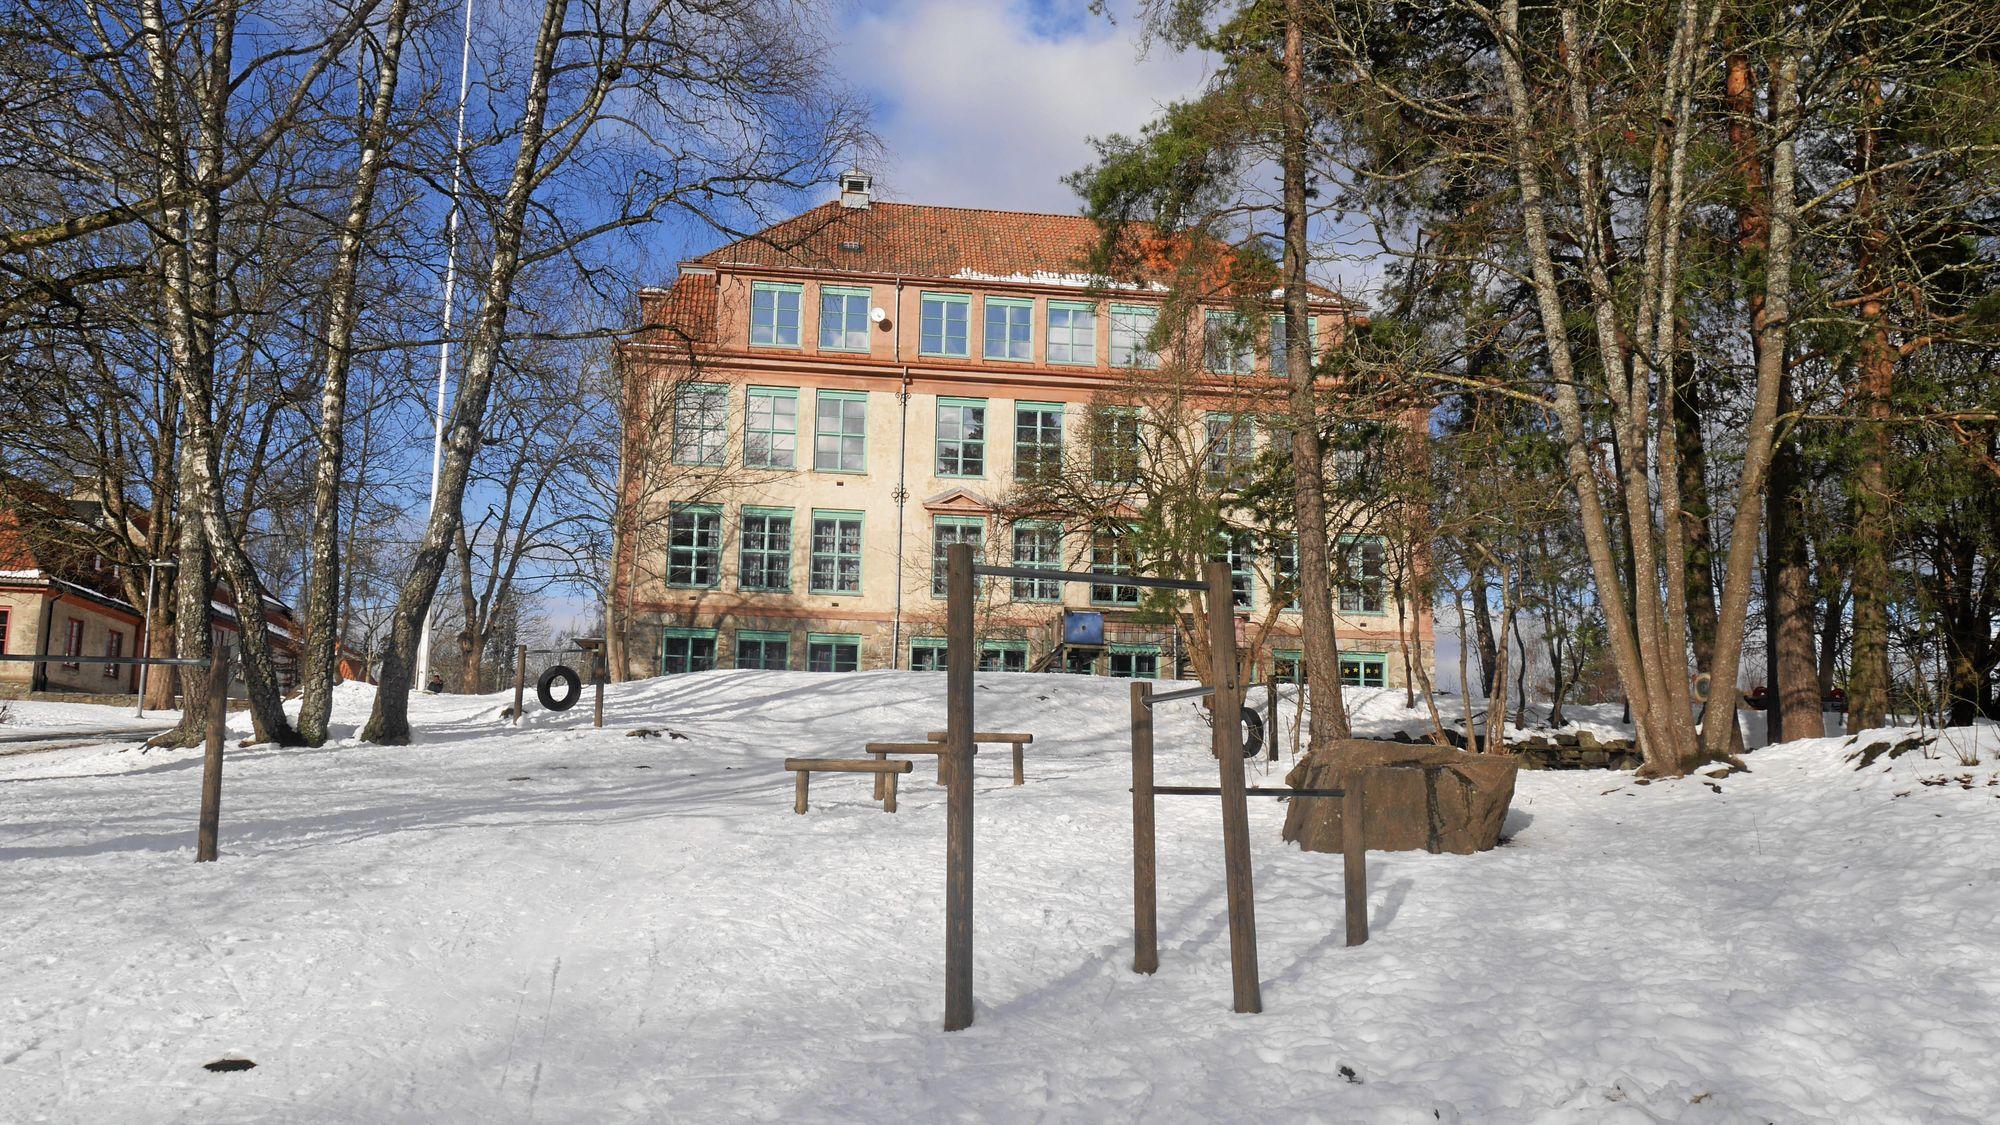 SKAL REHABILITERES: Kolbotn skole har behov for strakstiktak på 17.960.000 kroner ifølge tilstandsrapporten fra Reinertsen AS.